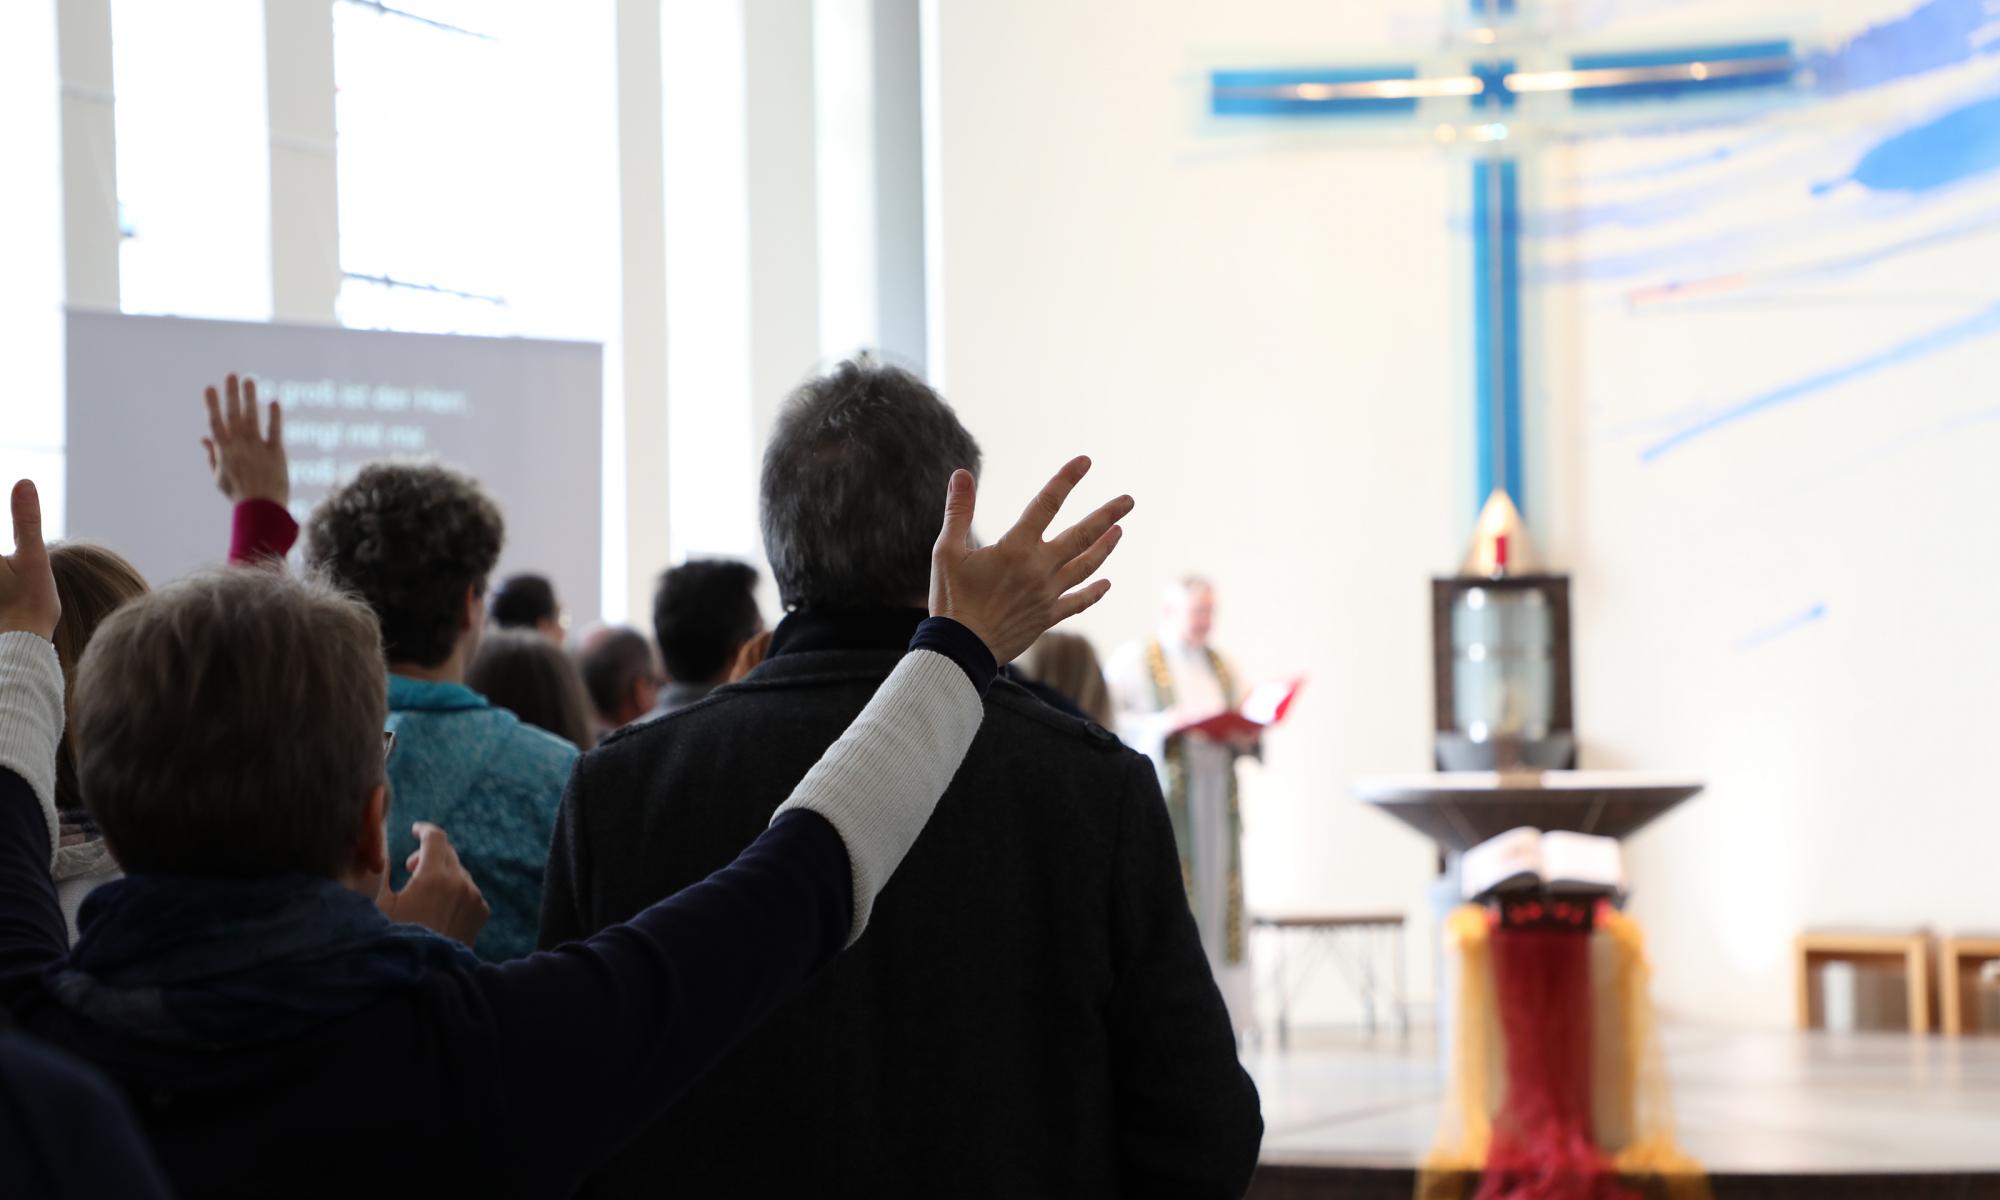 200208 Studientag Neuevangelisierung foto1